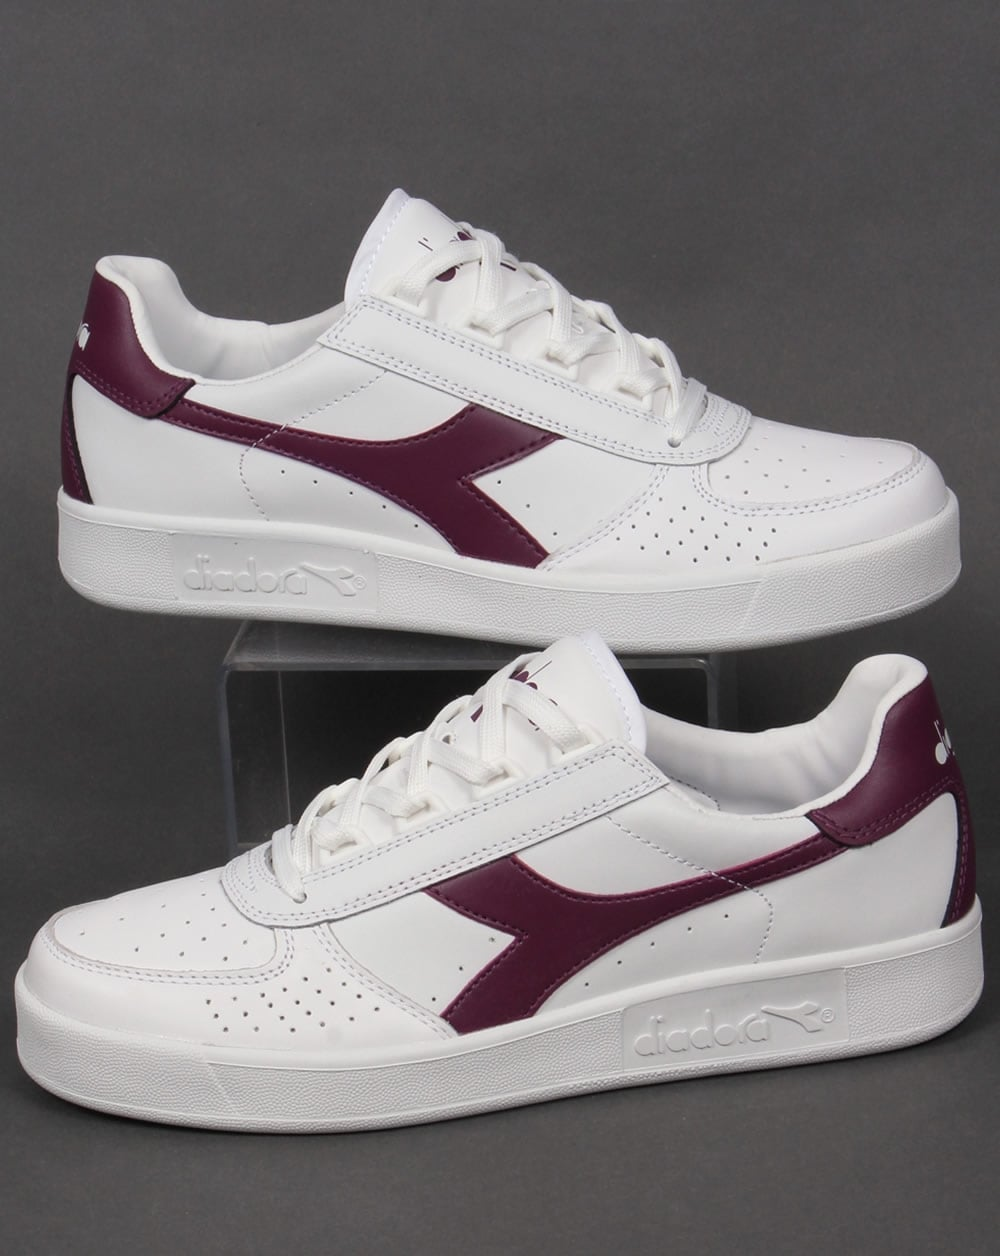 Diadora Tennis Shoes Retro